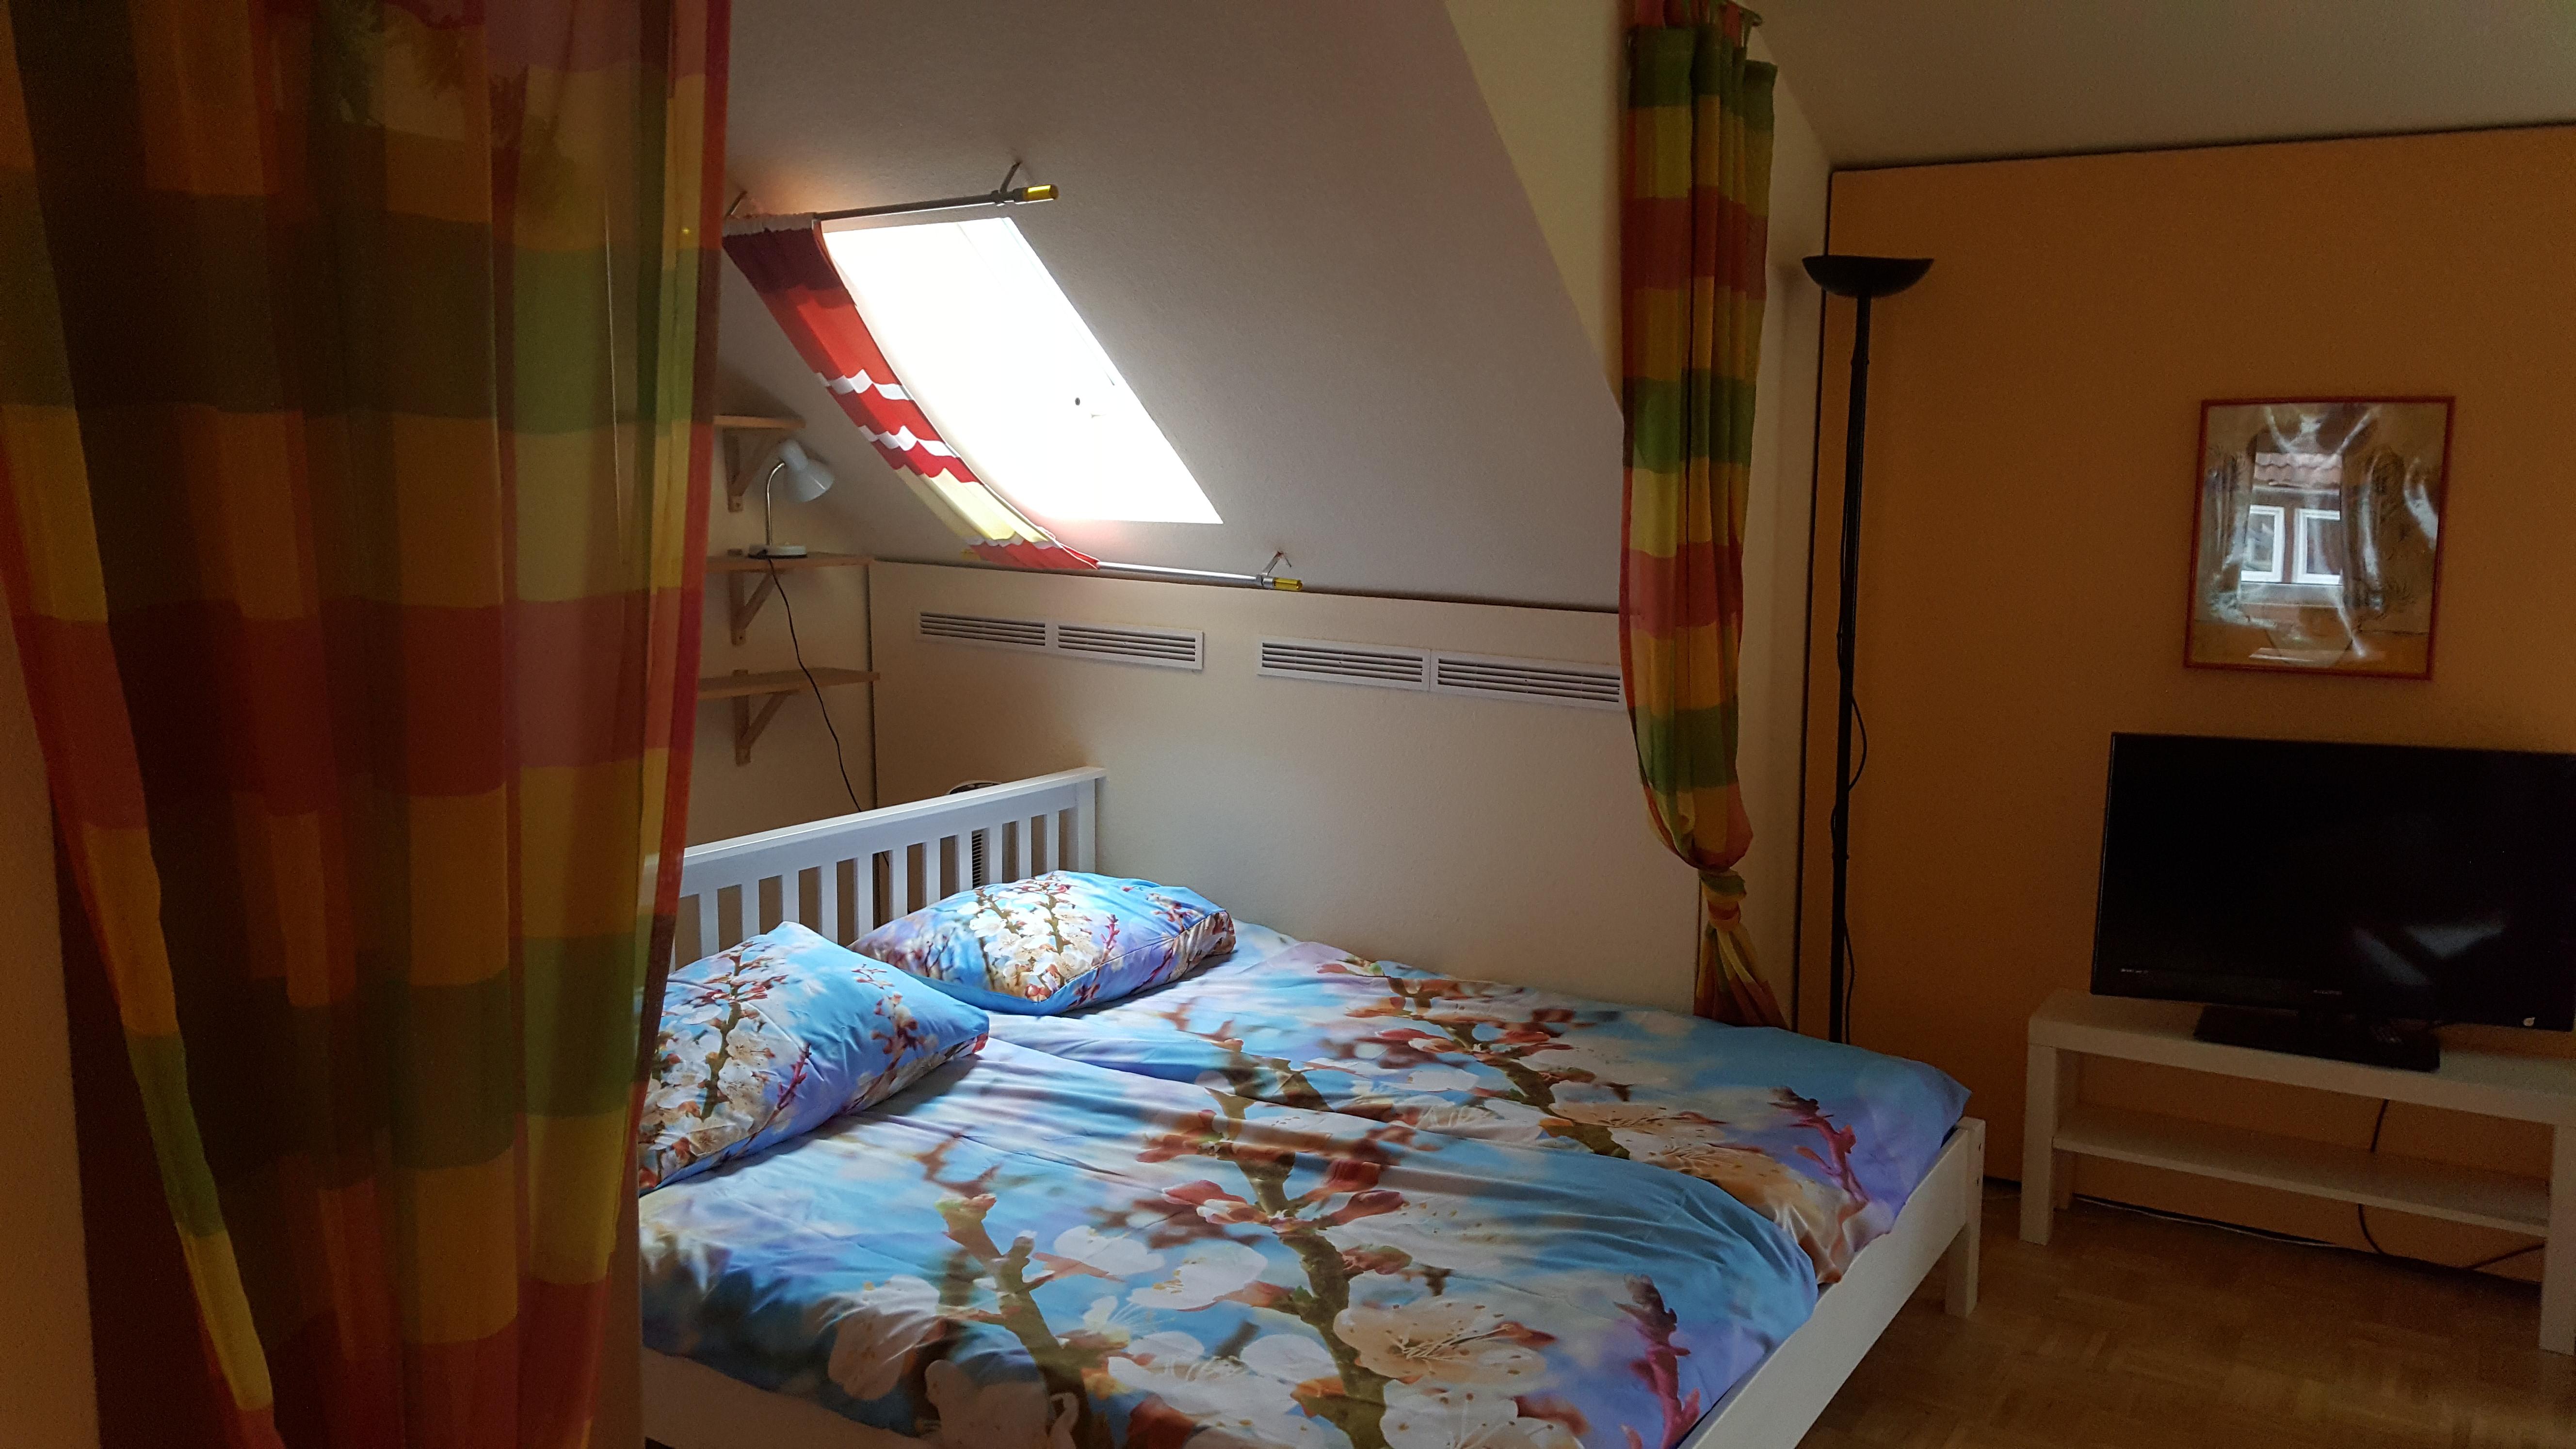 Ferienwohnung Zuhause in der Ferne - in der Nähe von Bremen (2379337), Bremen, , Bremen, Deutschland, Bild 2